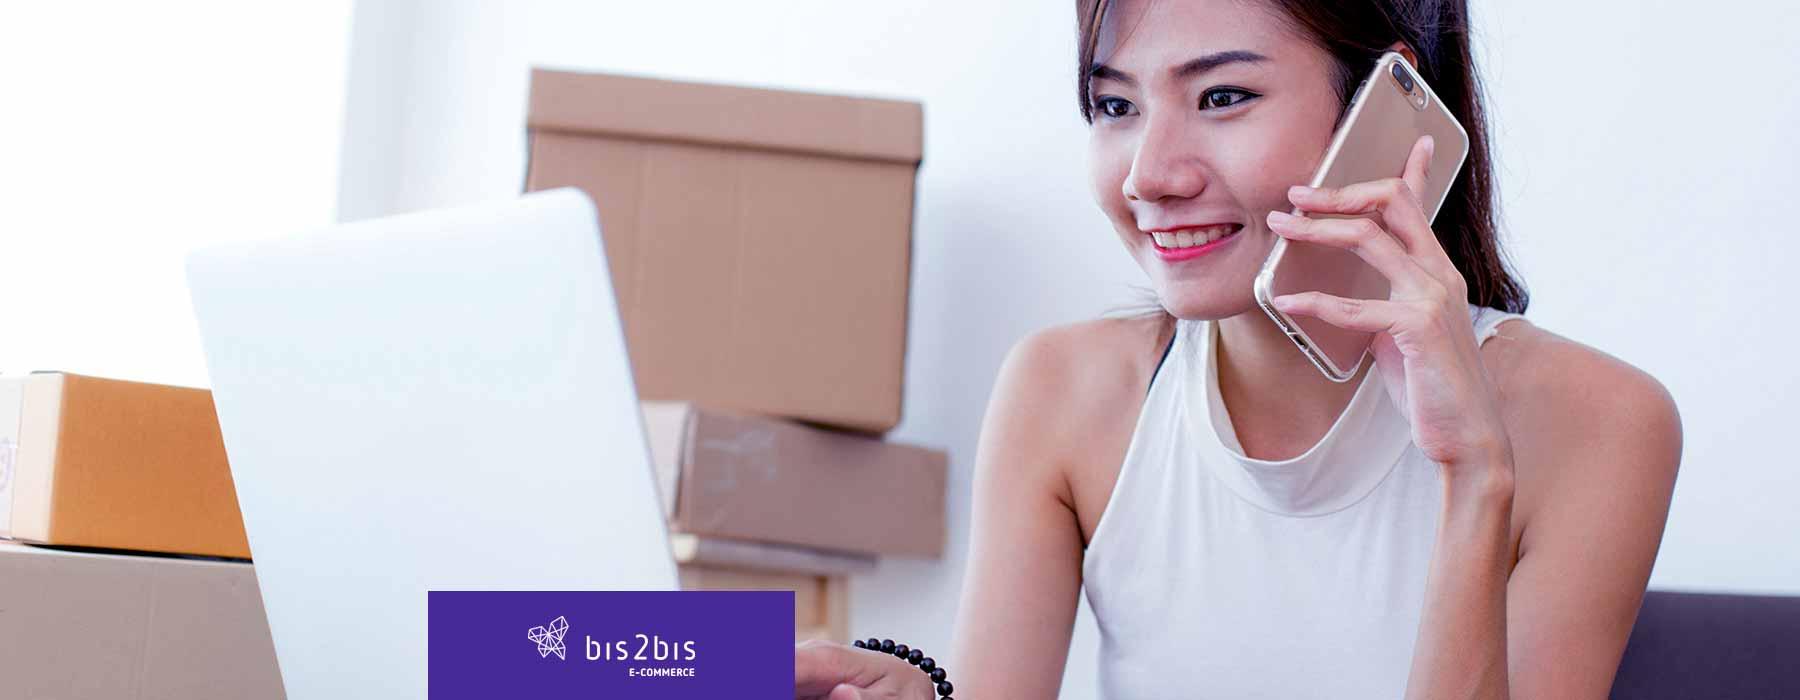 e-commerce do zero